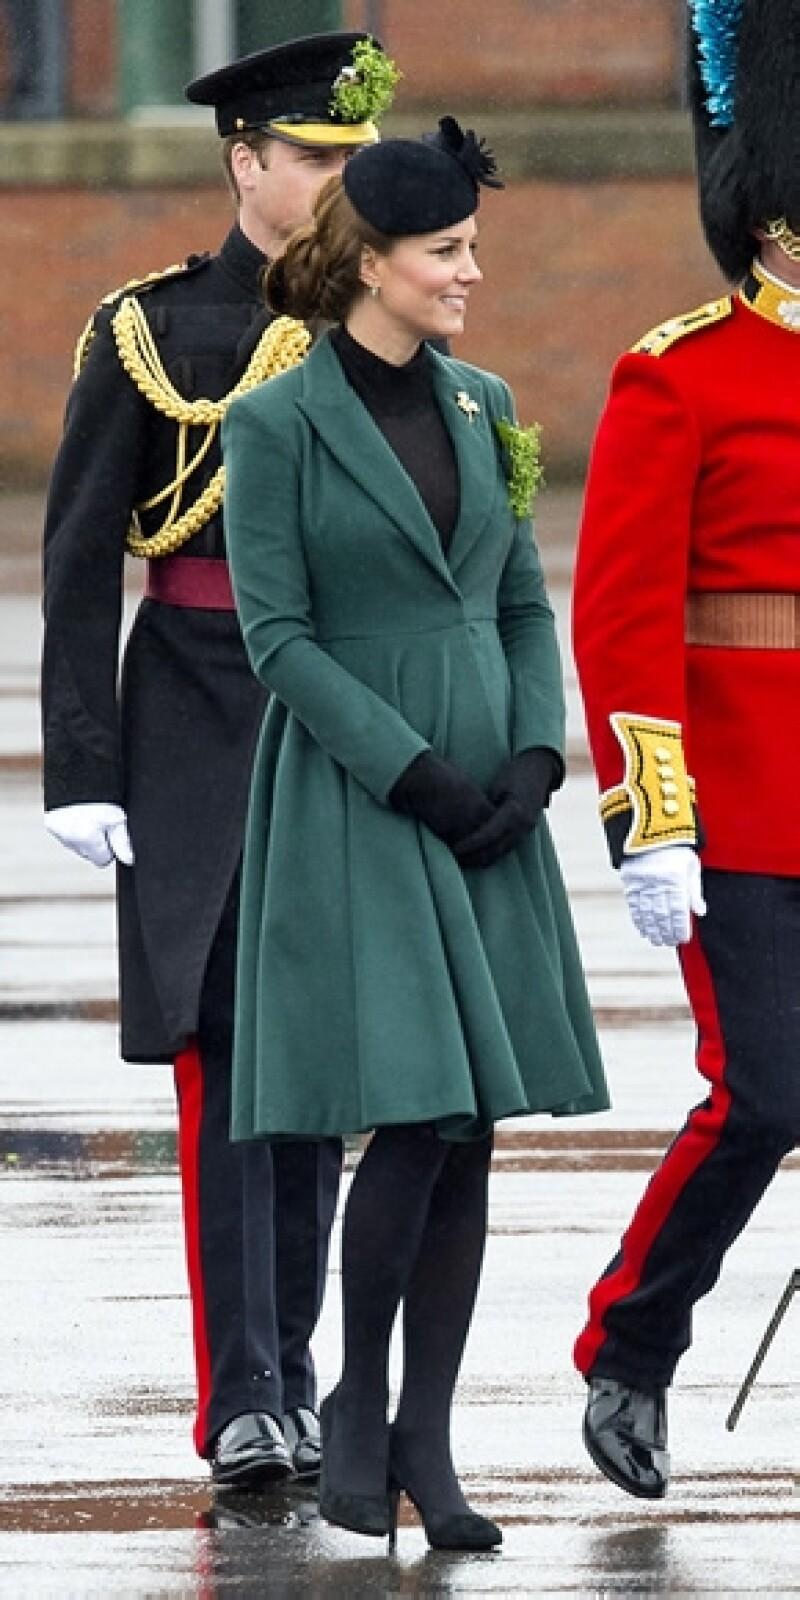 La Duquesa de Cambridge, quien tiene cinco meses de embarazo, se dio cuenta a tiempo de que uno de sus tacones se había atorado y Guillermo estuvo ahí para ayudarla.